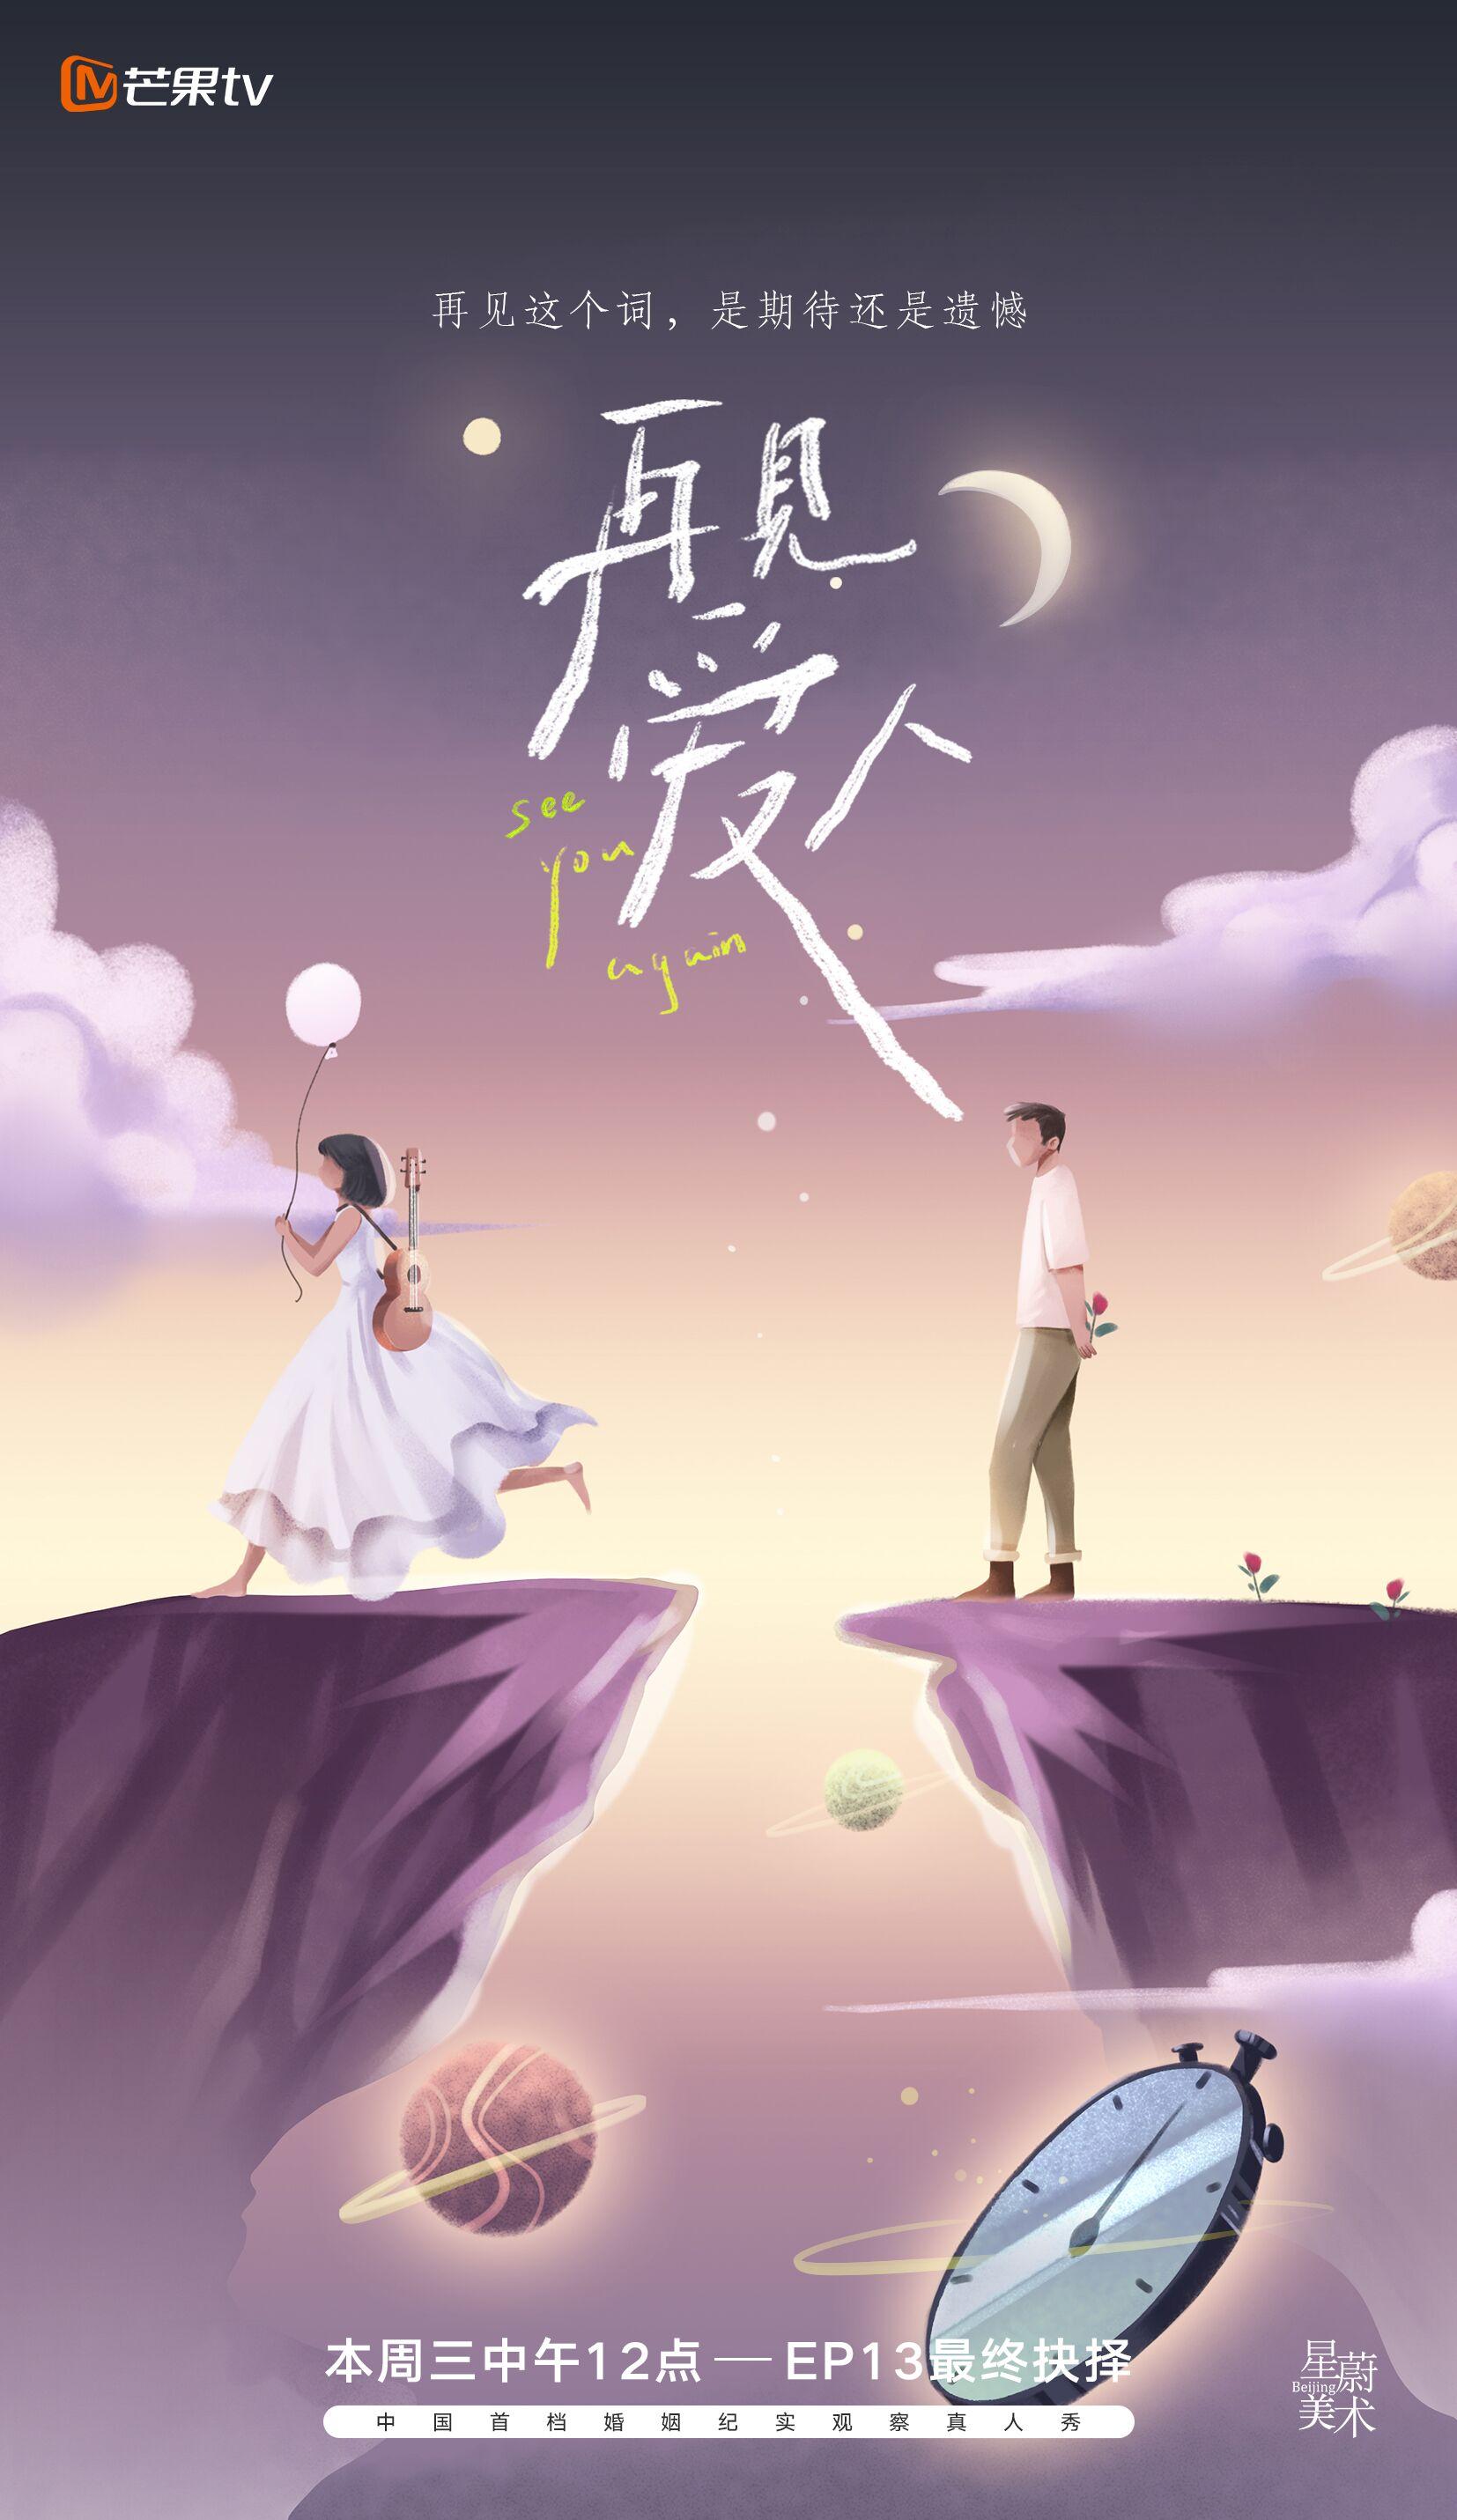 综艺《再见爱人》官方海报